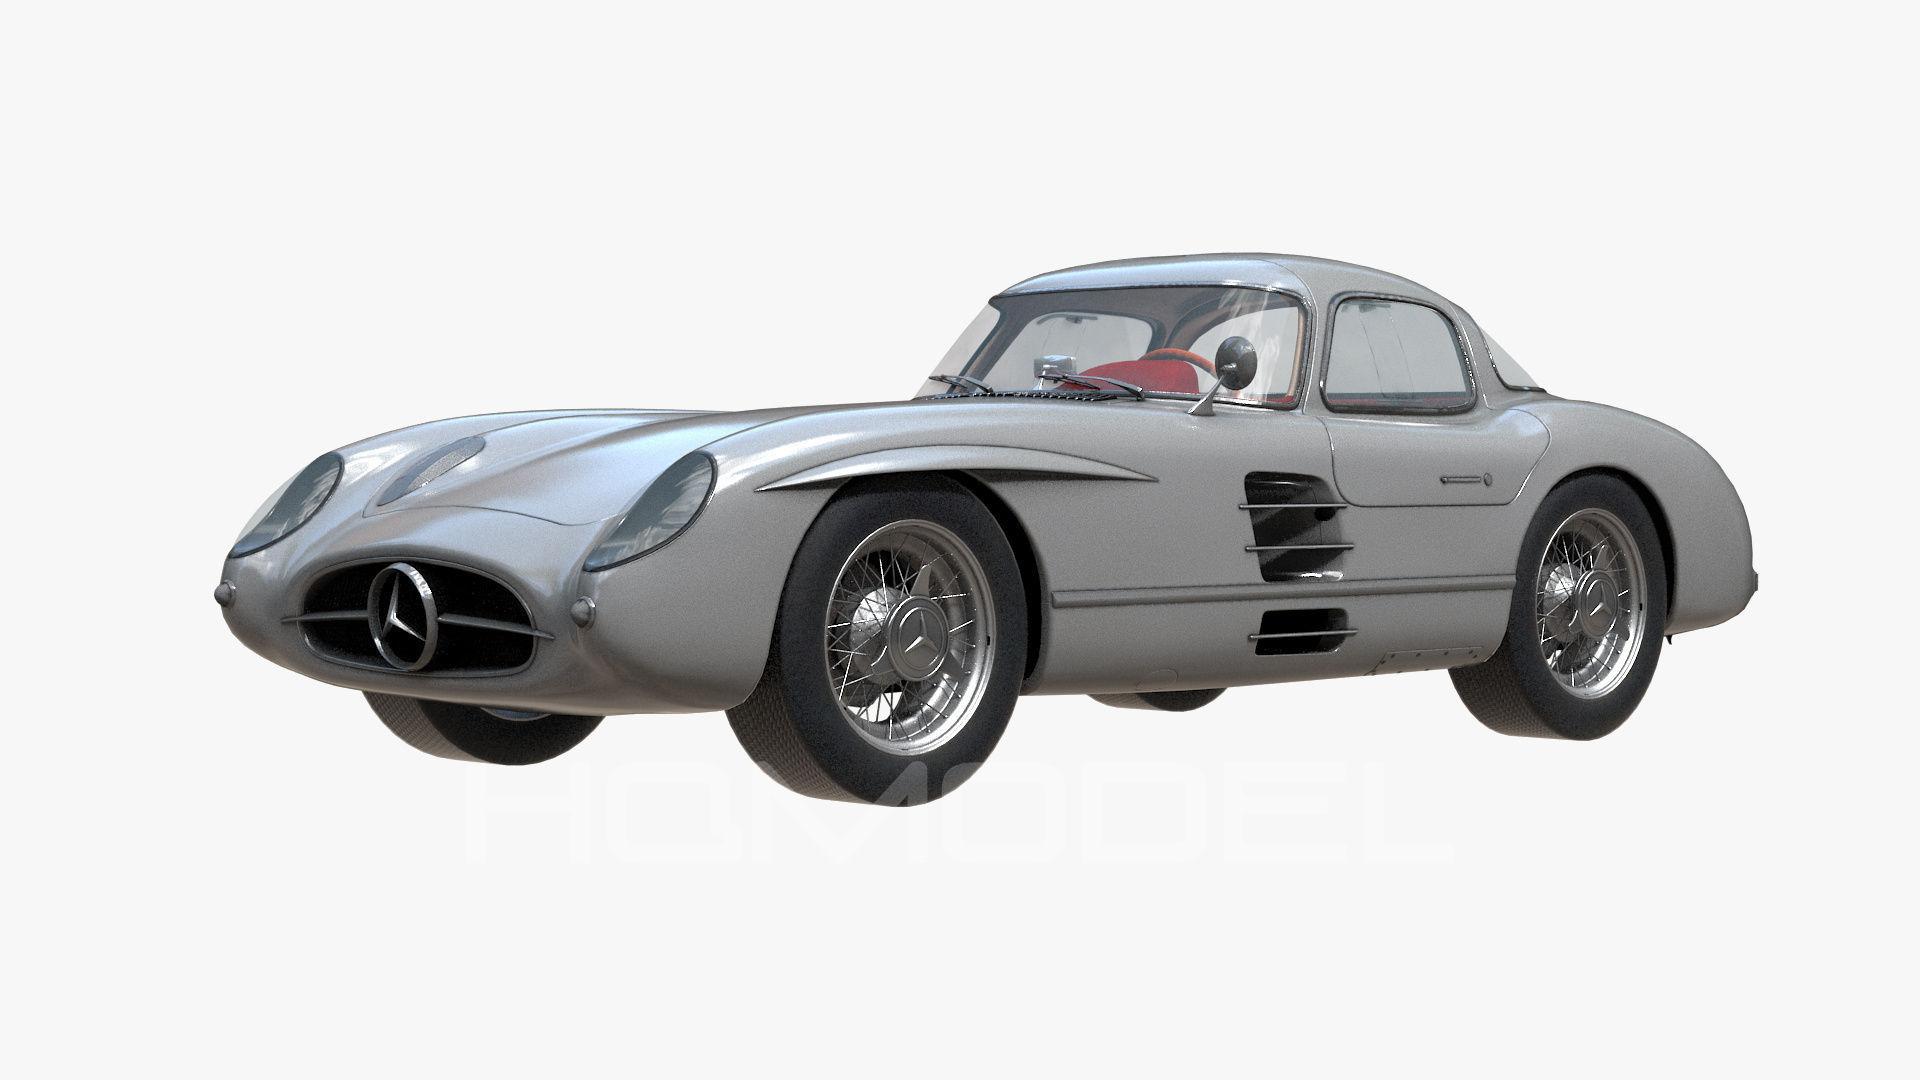 3d model mercedes benz slr 300 amg pbr vr ar low poly for Mercedes benz bentonville ar